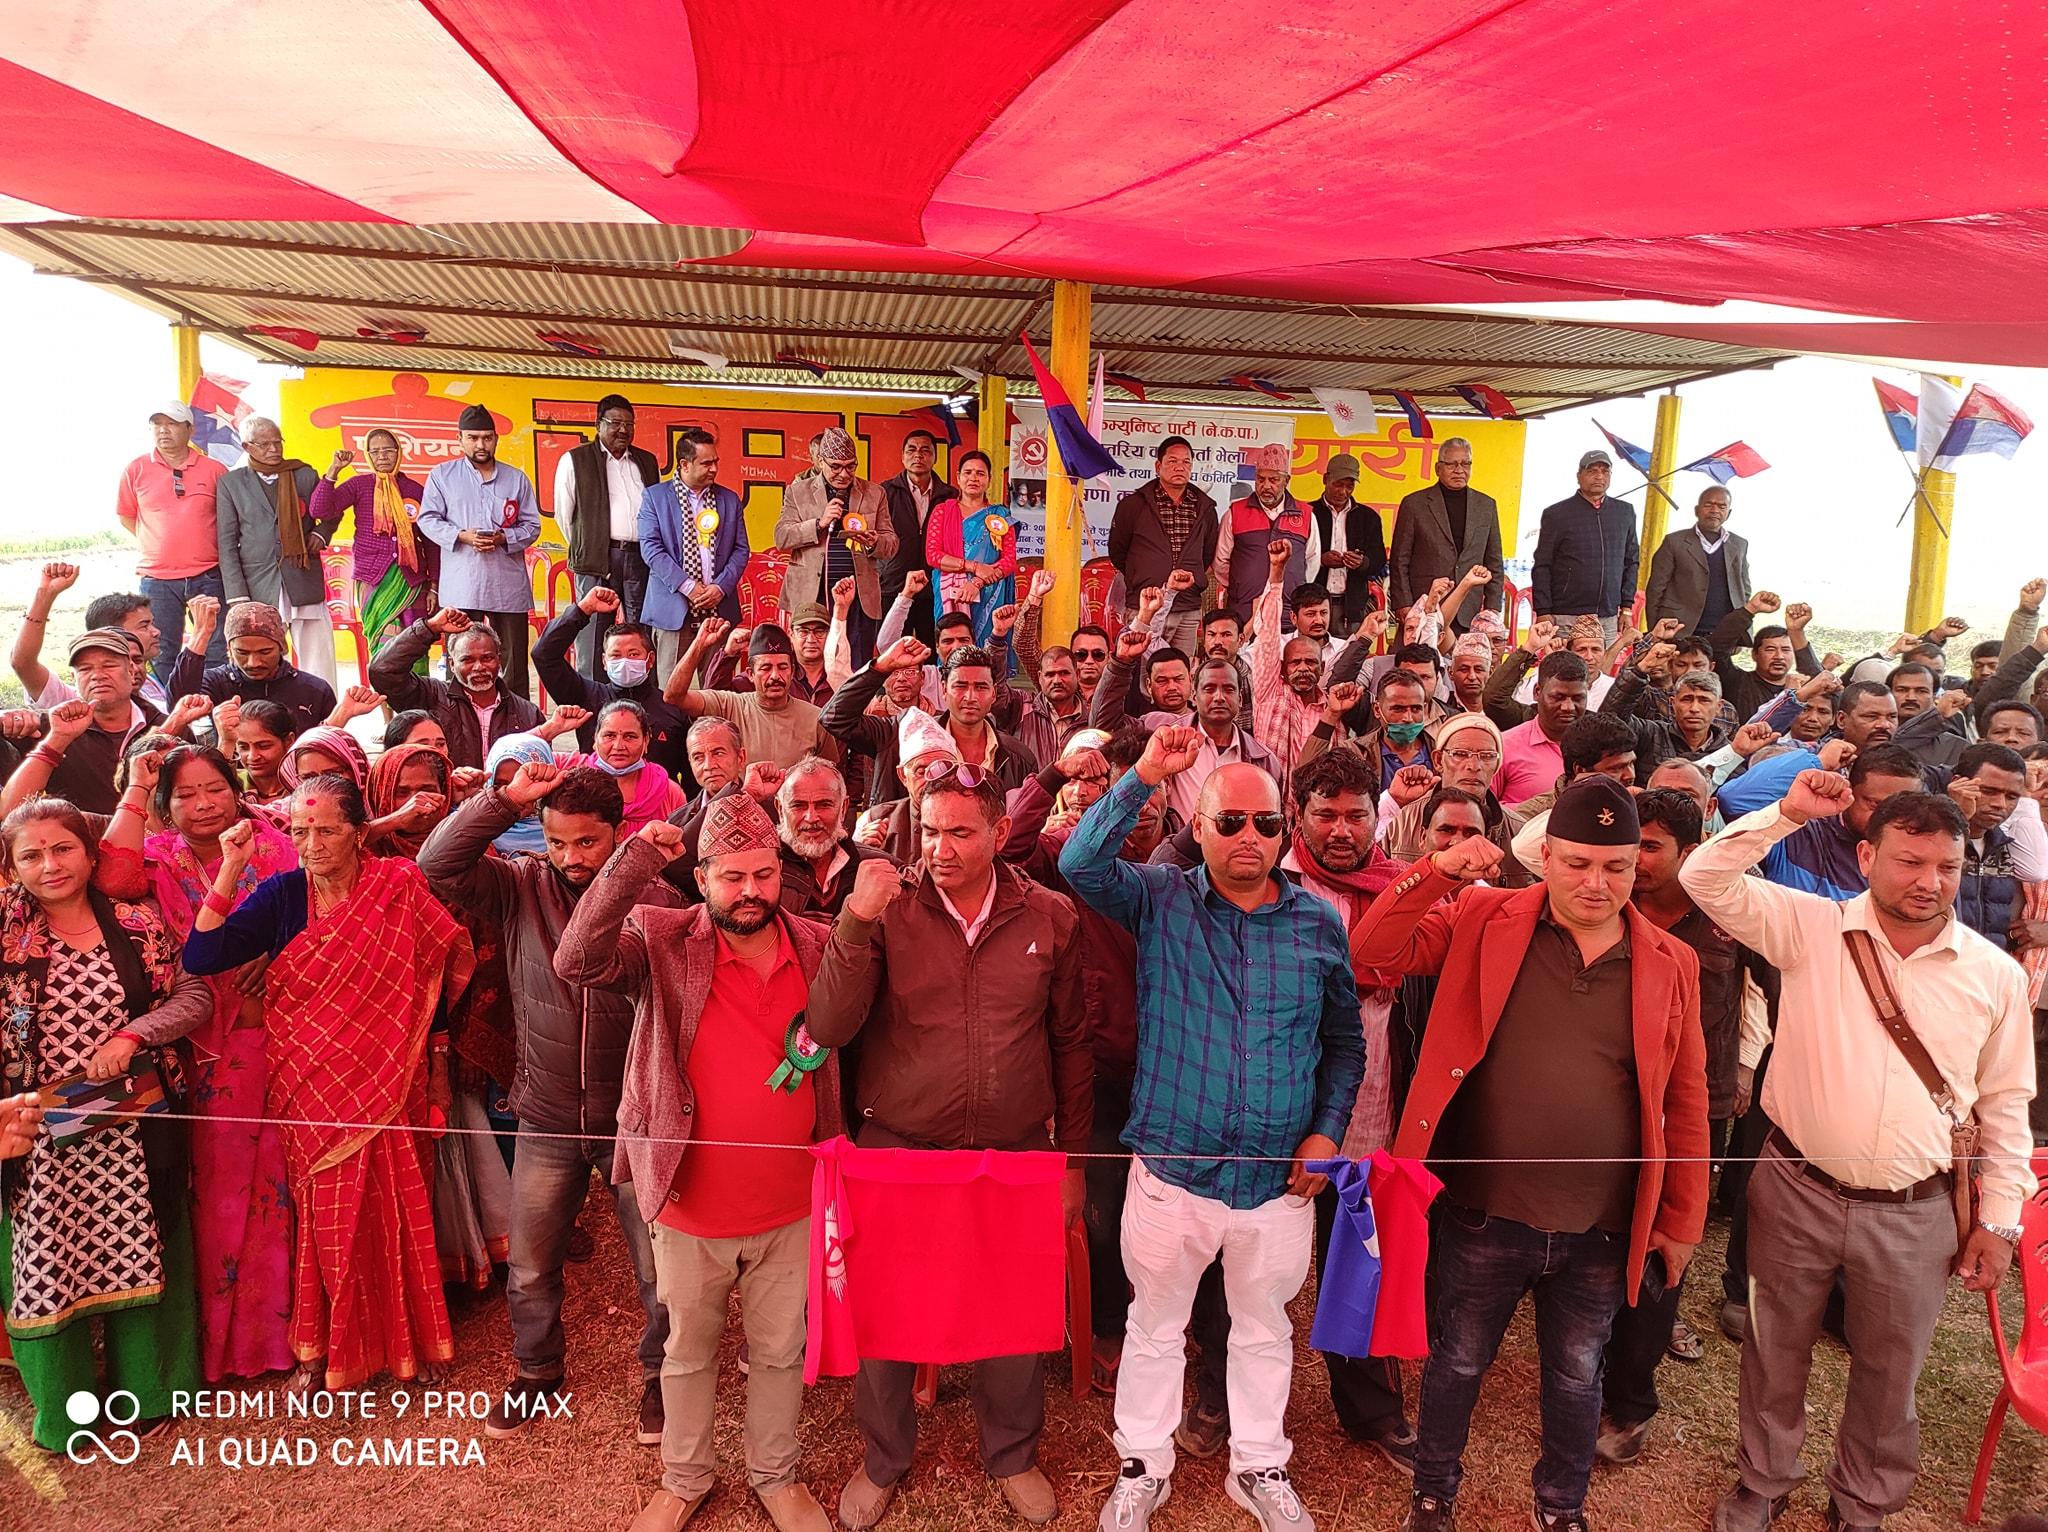 नेकपा सुनबर्षी नगरमा श्याम राजवंशीको नेतृत्व, २०३ सदस्य नगर कमिटि गठन